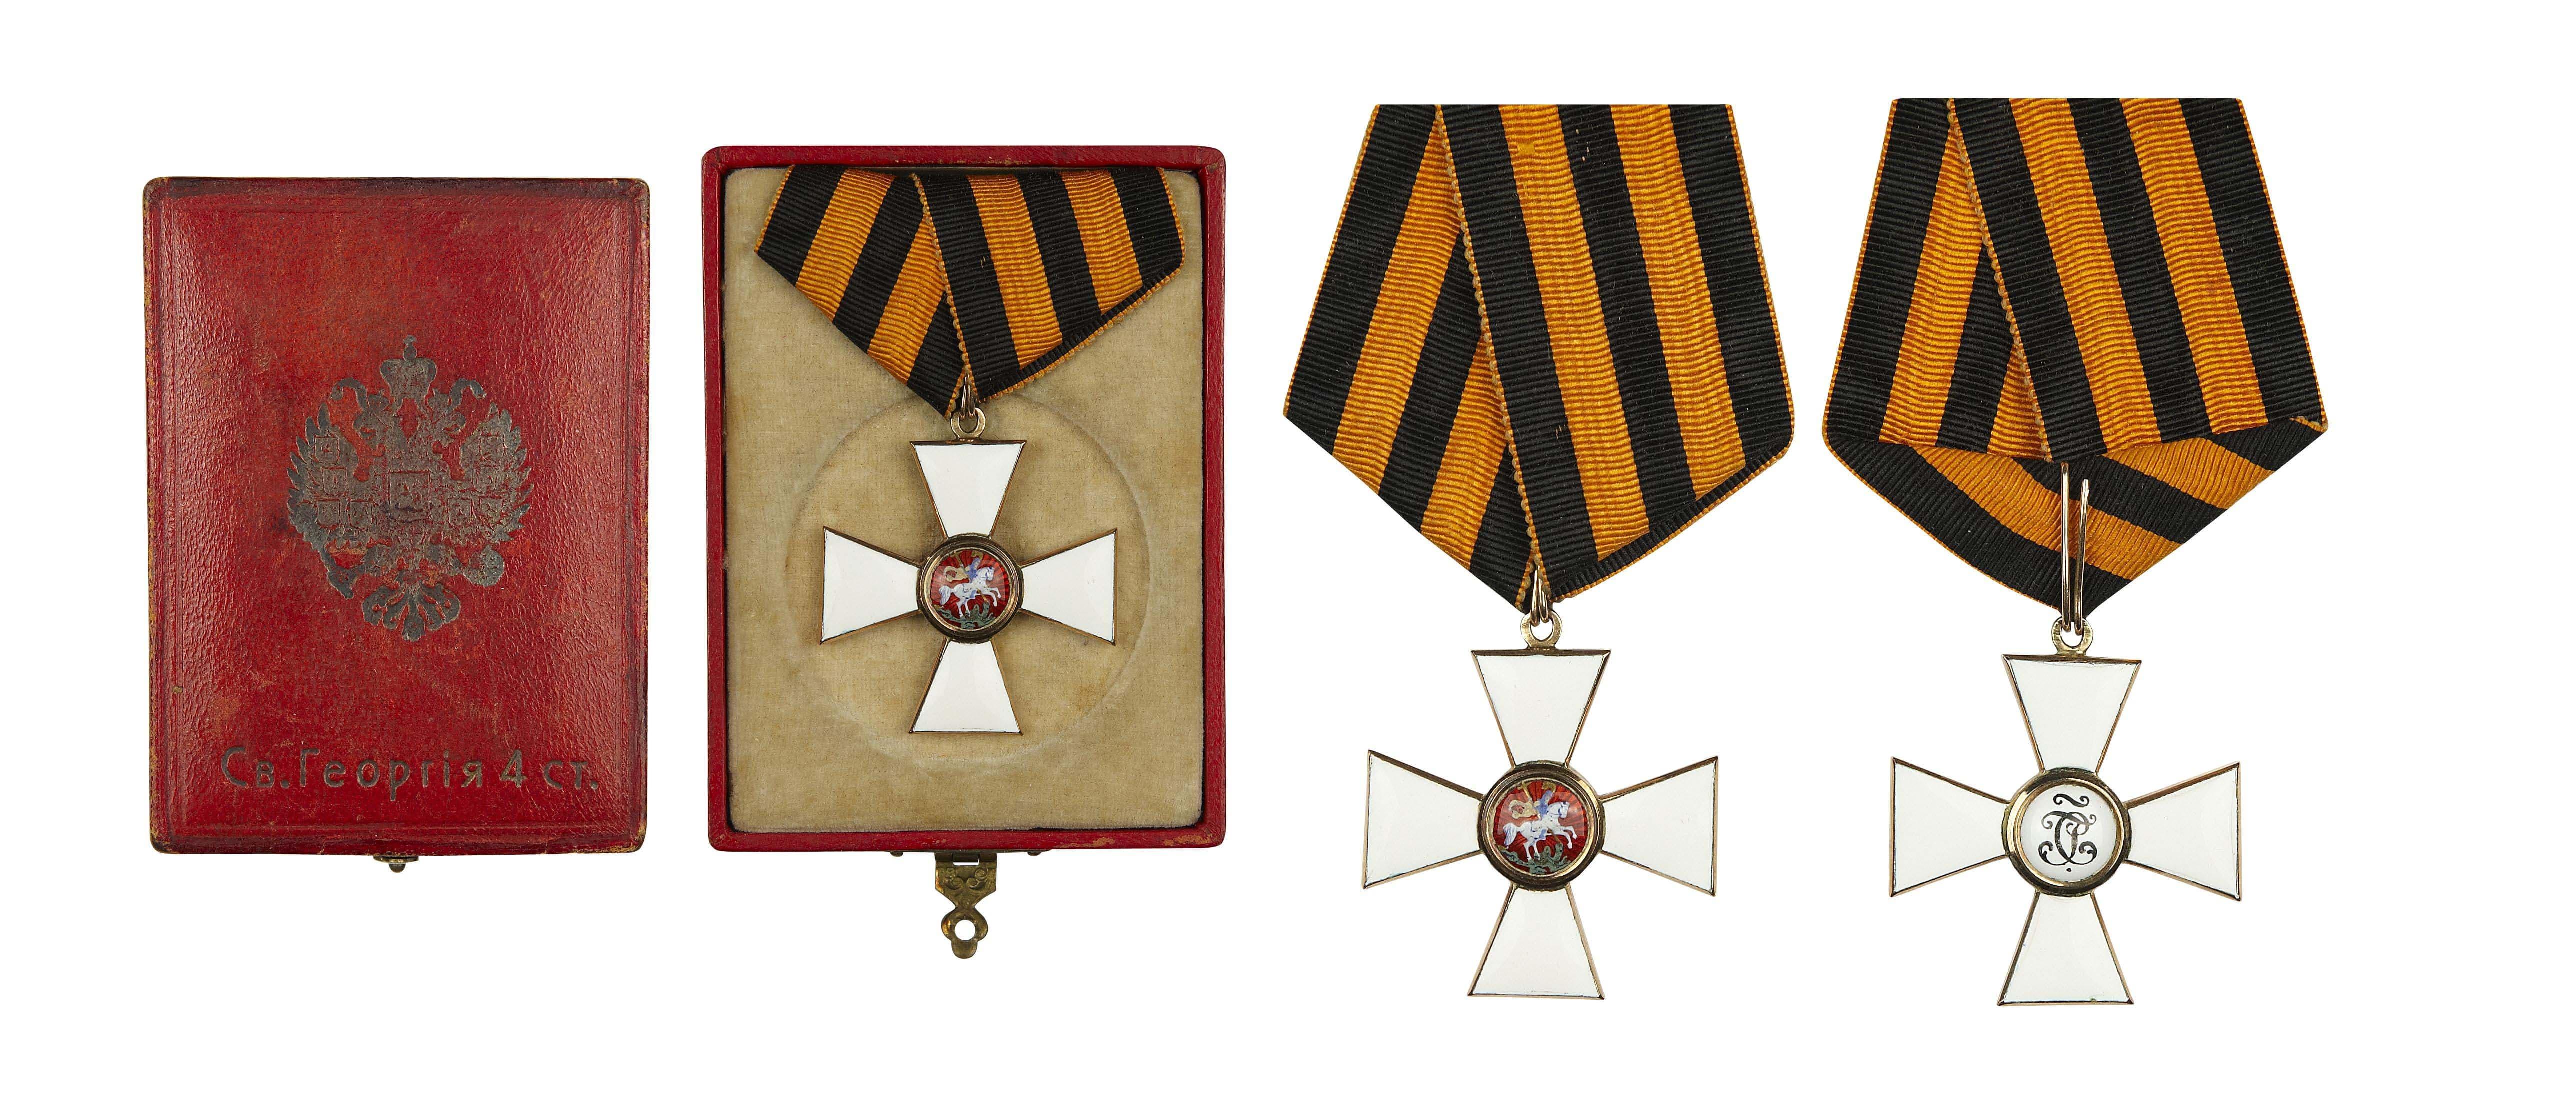 Орден Святого Великомученика и Победоносца Георгия 4 степени